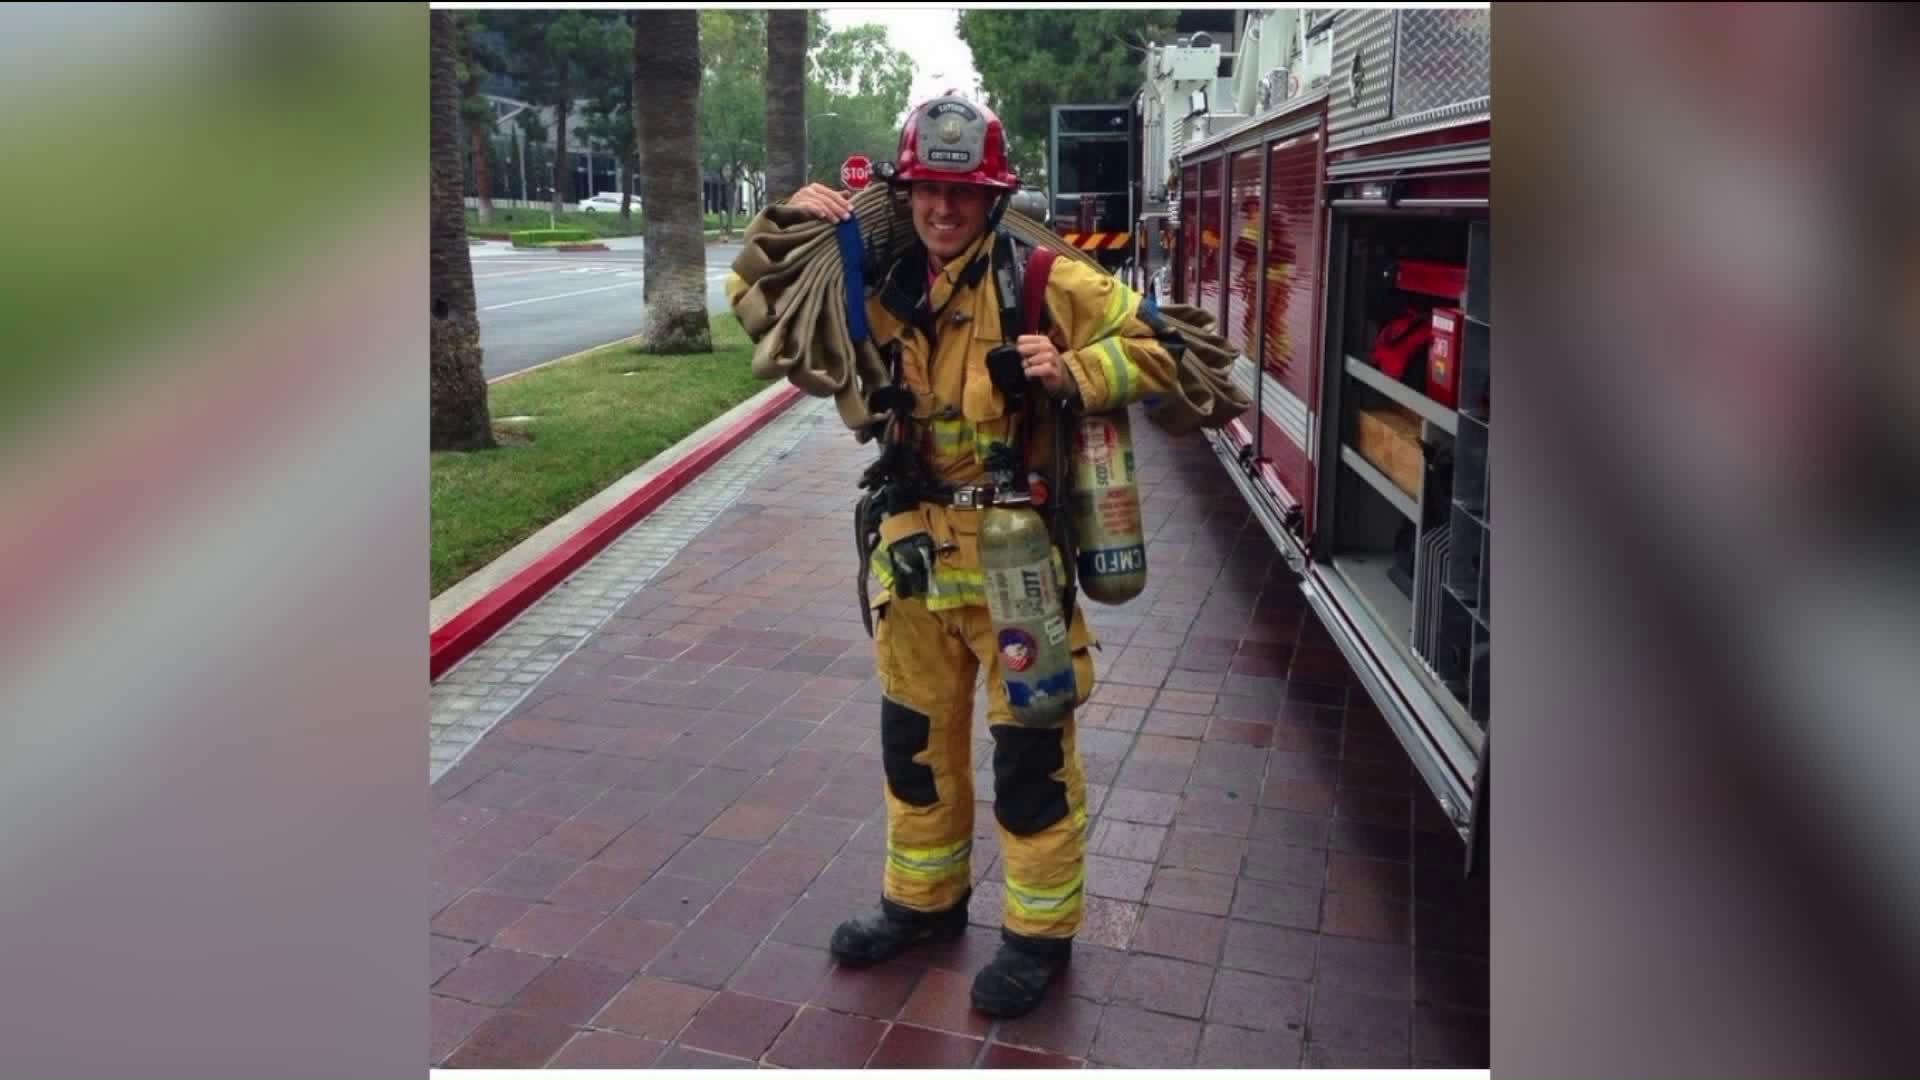 Costa Mesa Fire and Rescue Capt. Mike Kreza. (Credit: Costa Meda Fire & Rescue)